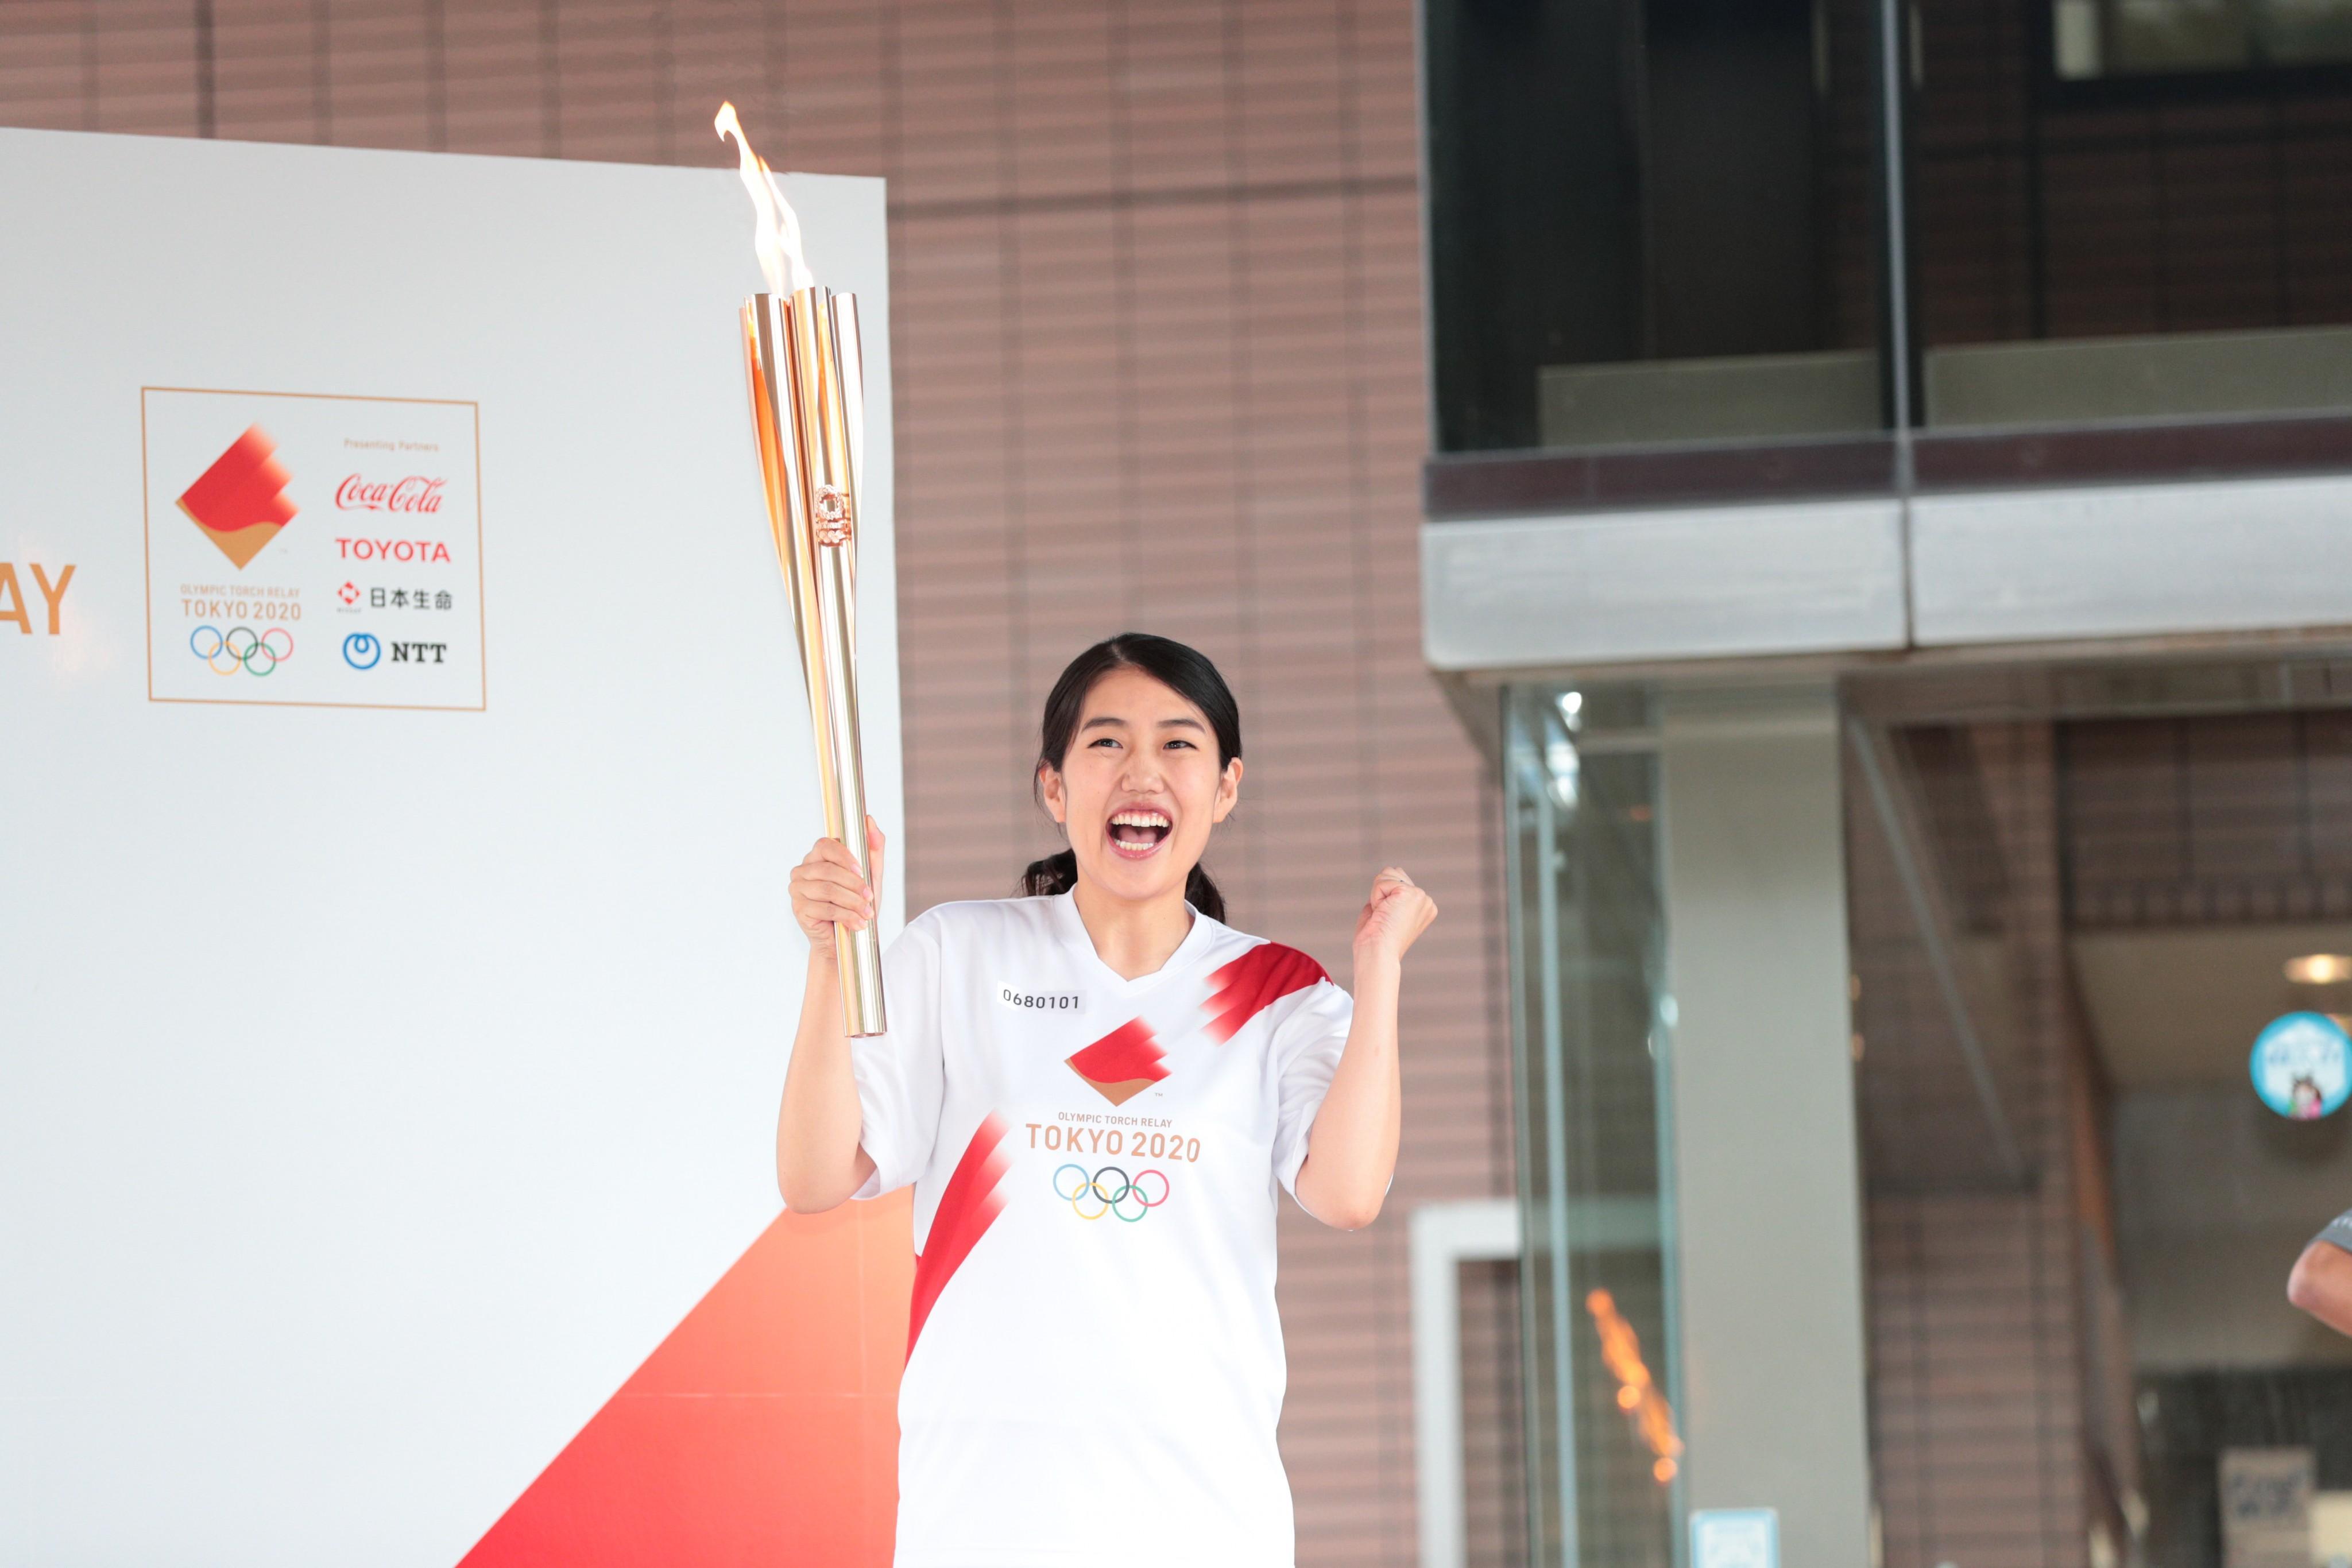 Pide aplazar los Juegos Olímpicos. Foto: Twitter